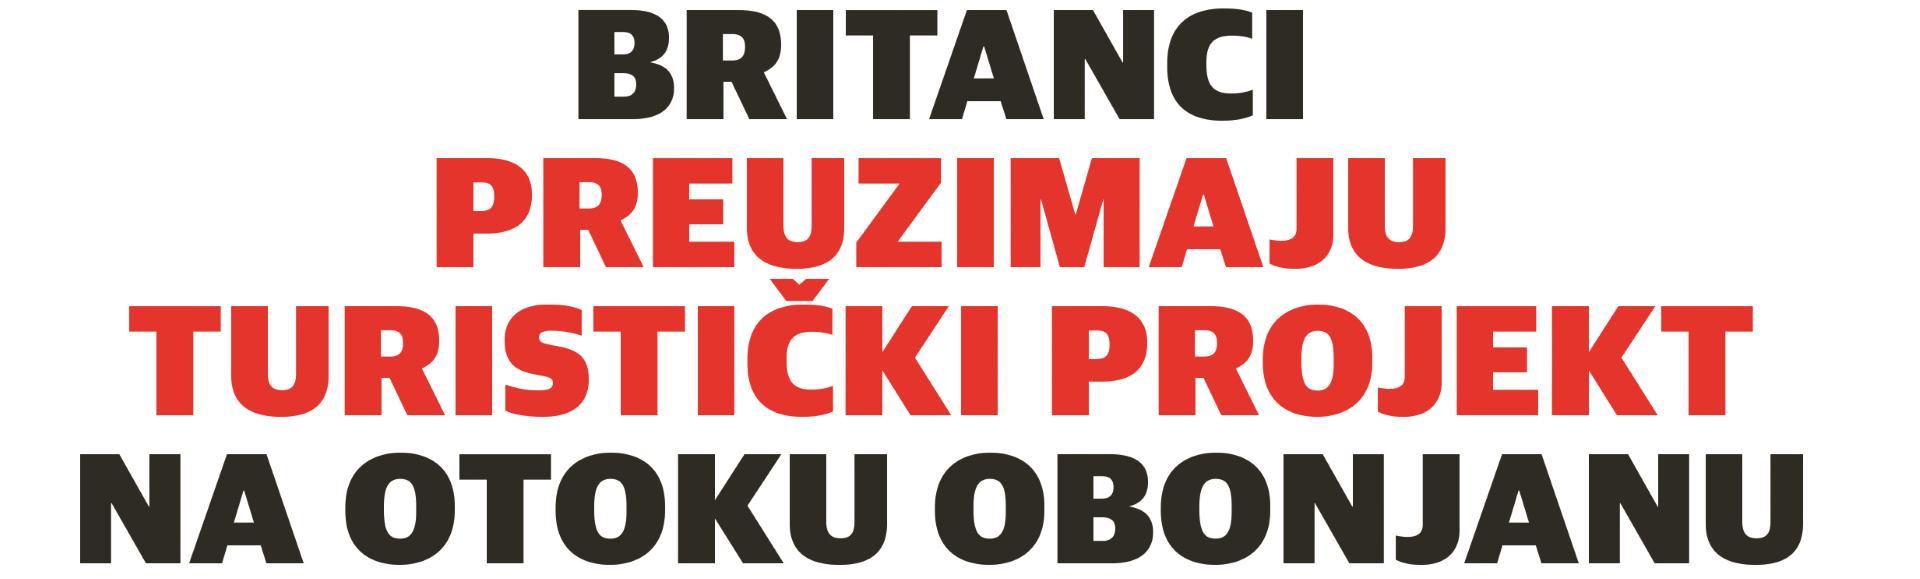 Englezi i službeno na otoku Obonjanu